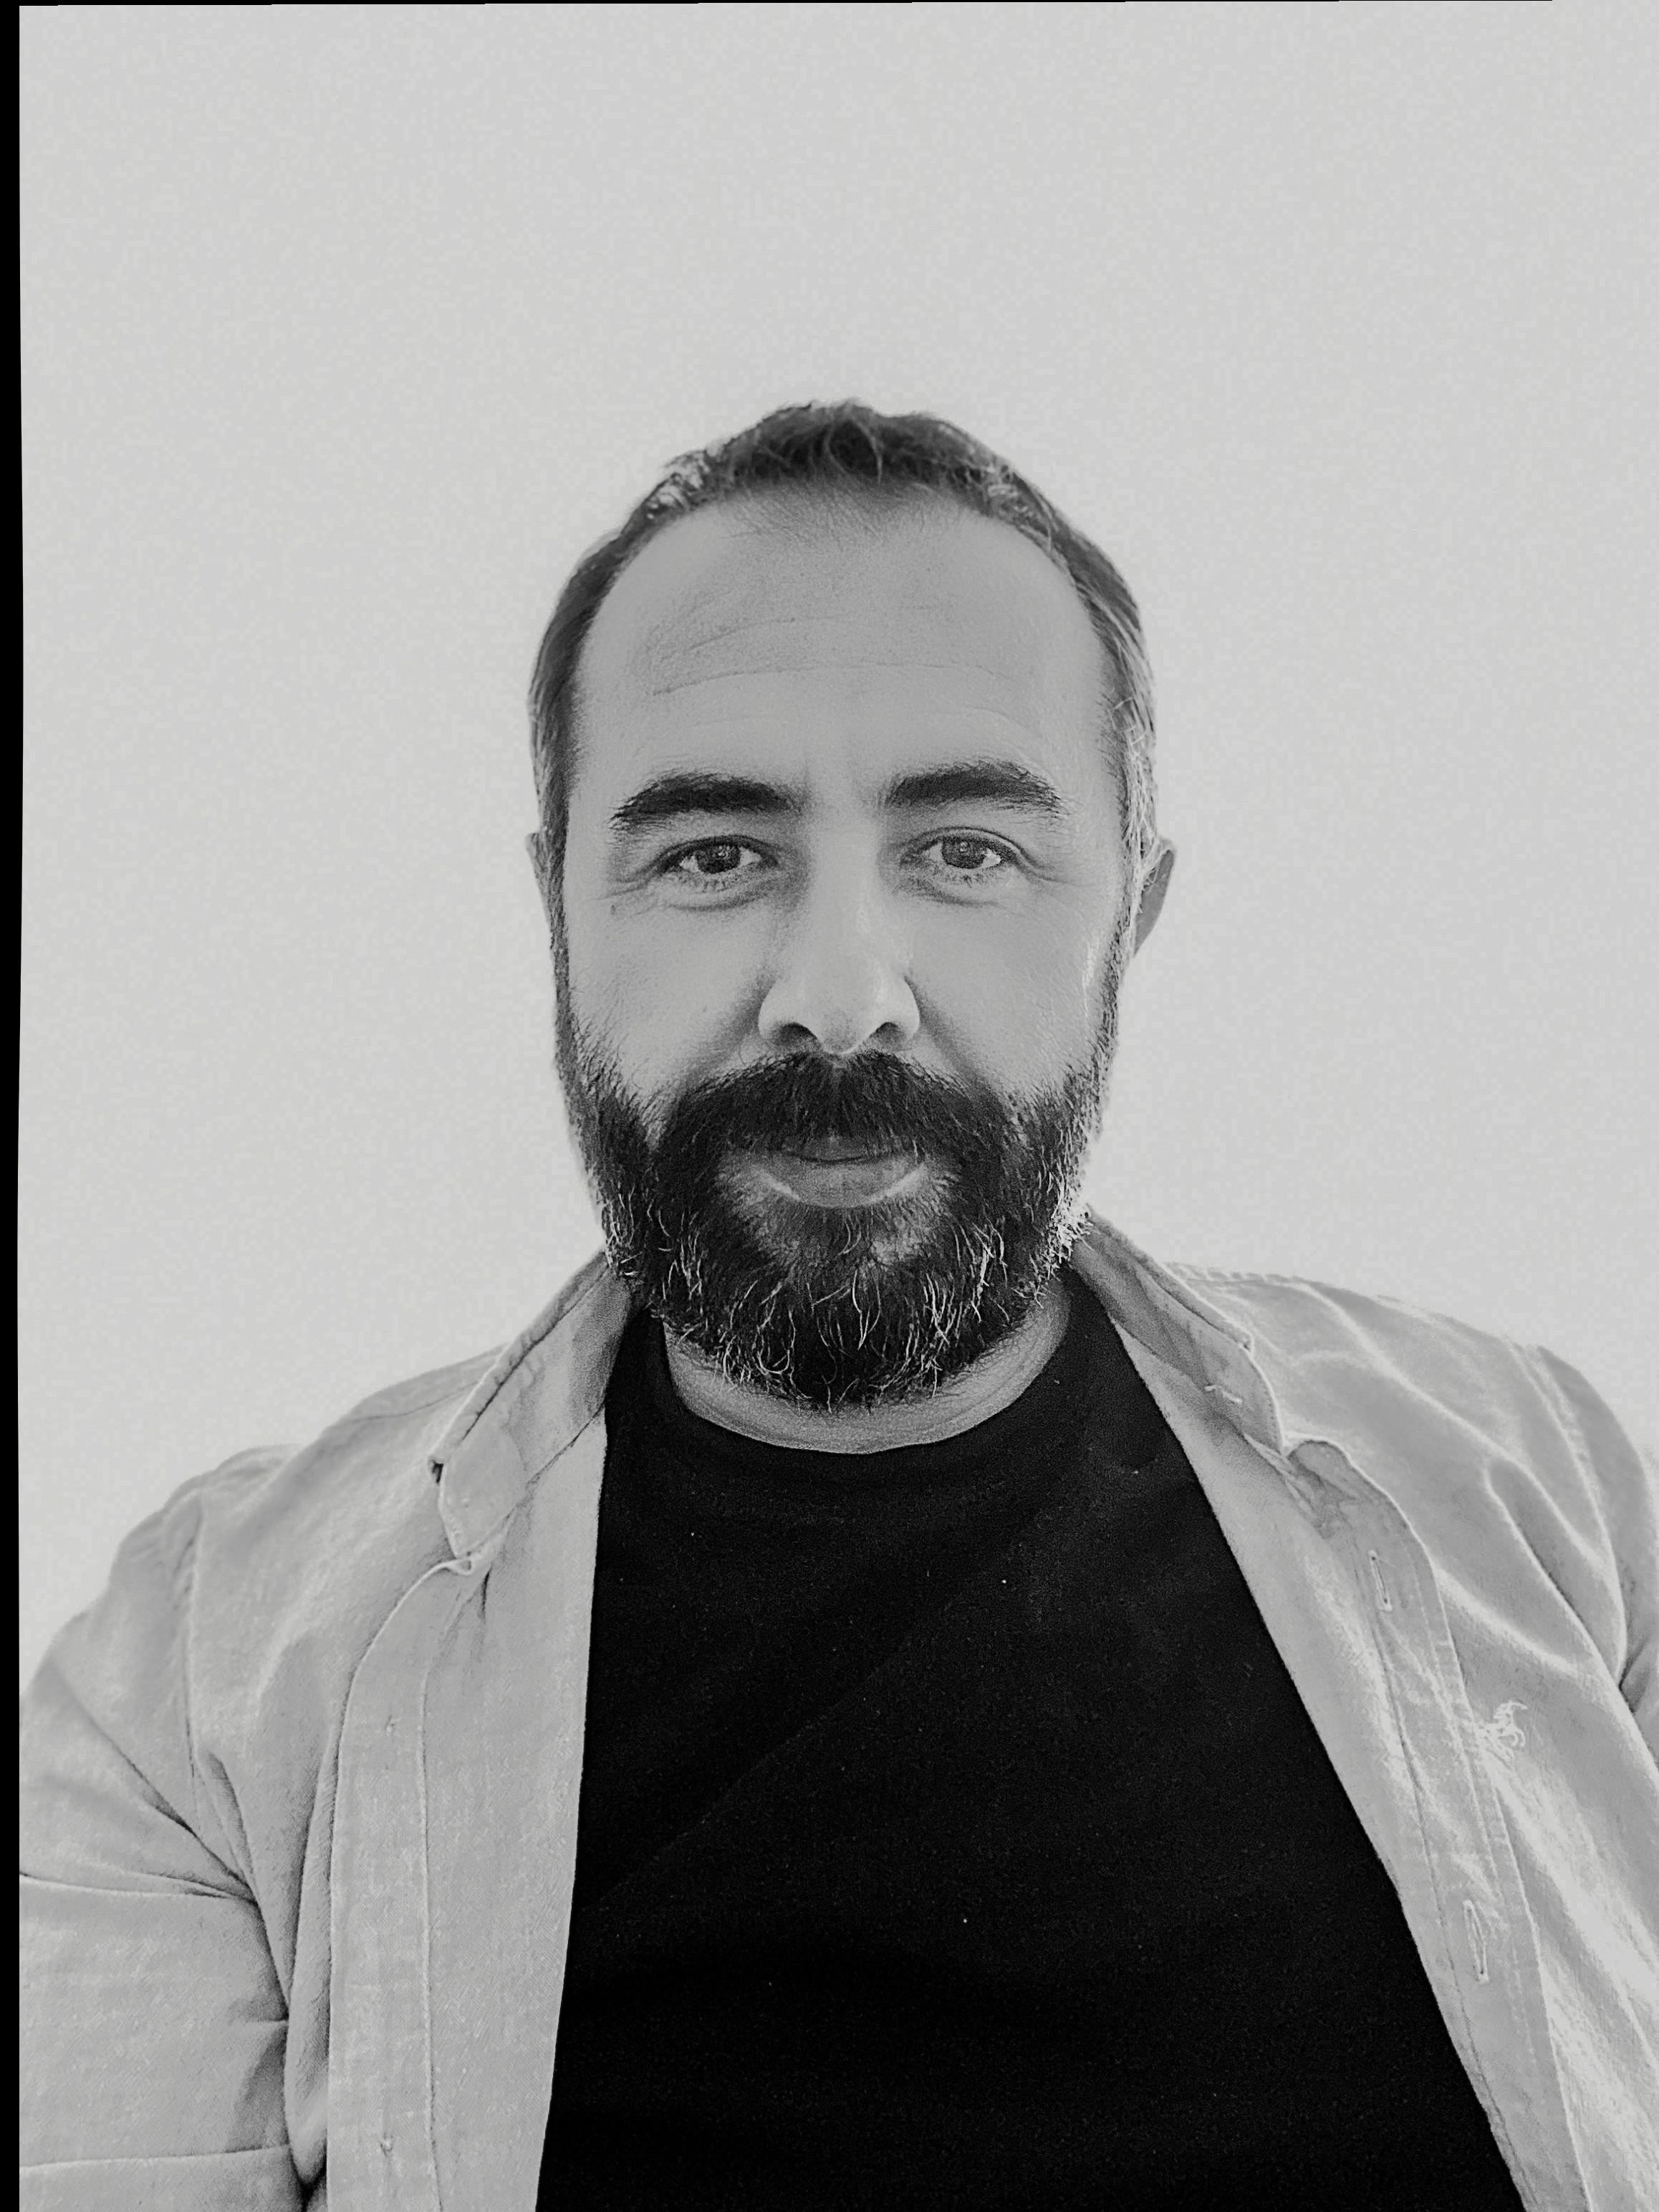 Ahmet Camuzcuoğlu